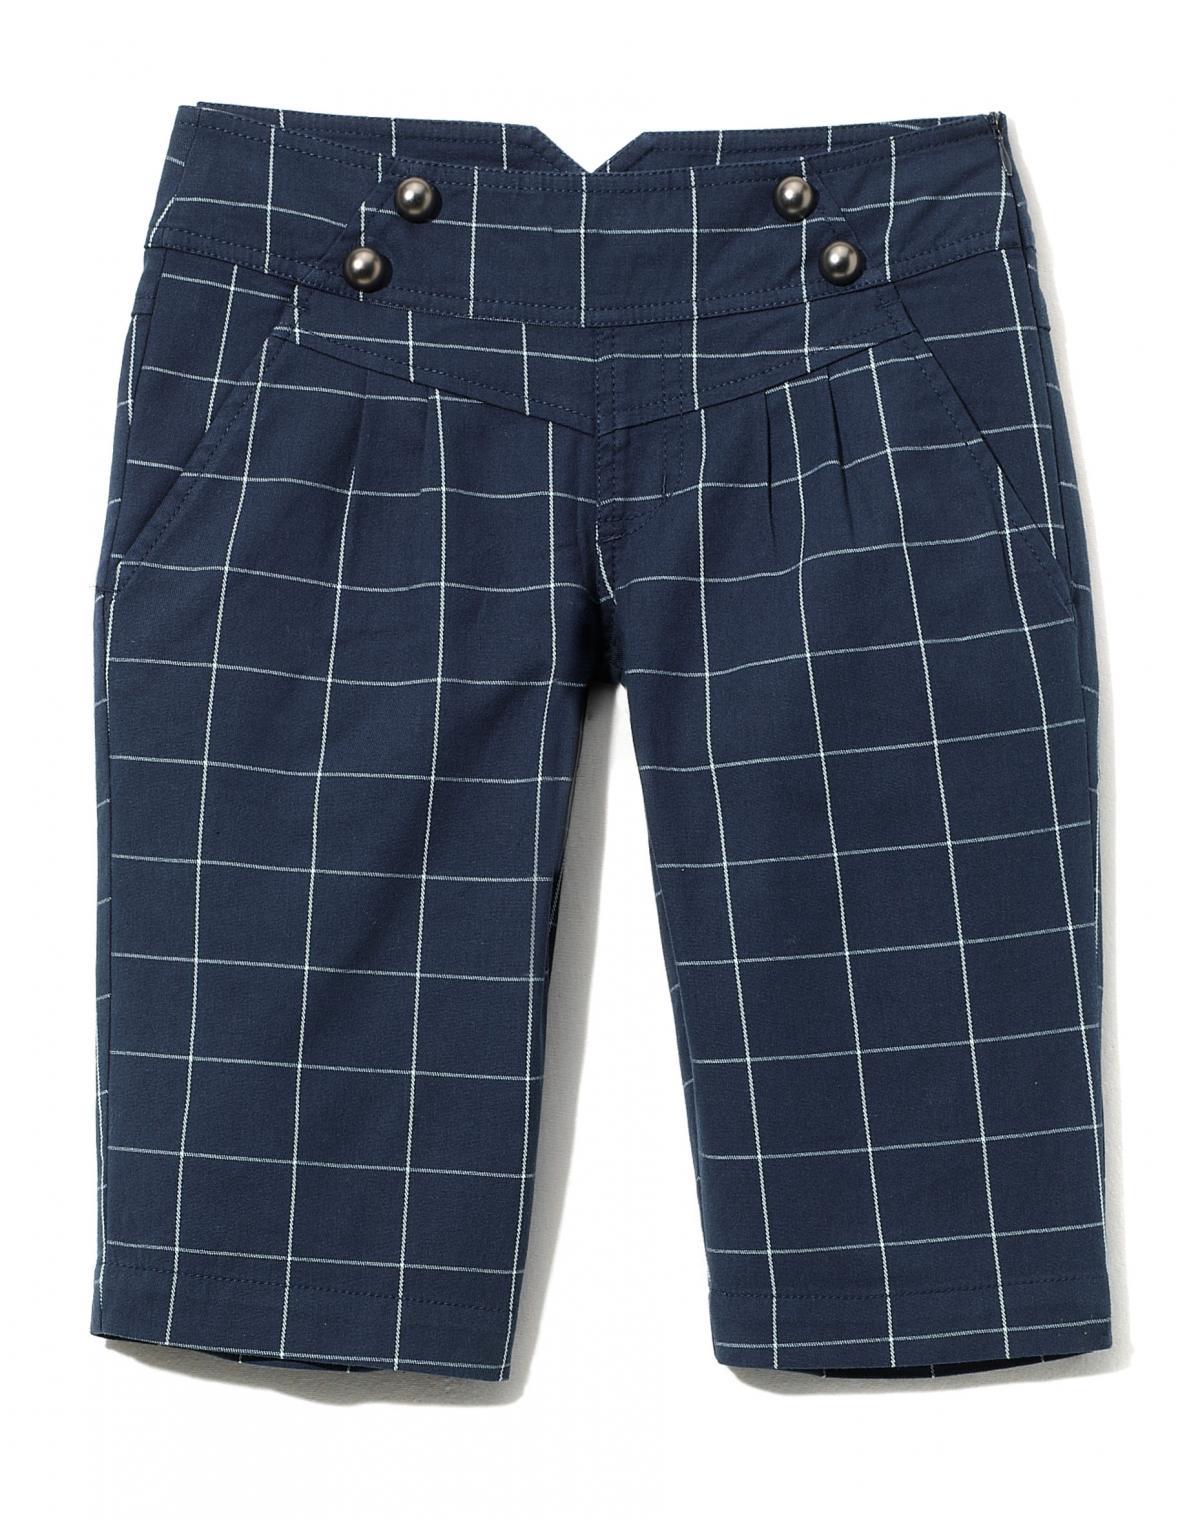 granatowe spodnie Cropp w kratkę - wiosna 2011